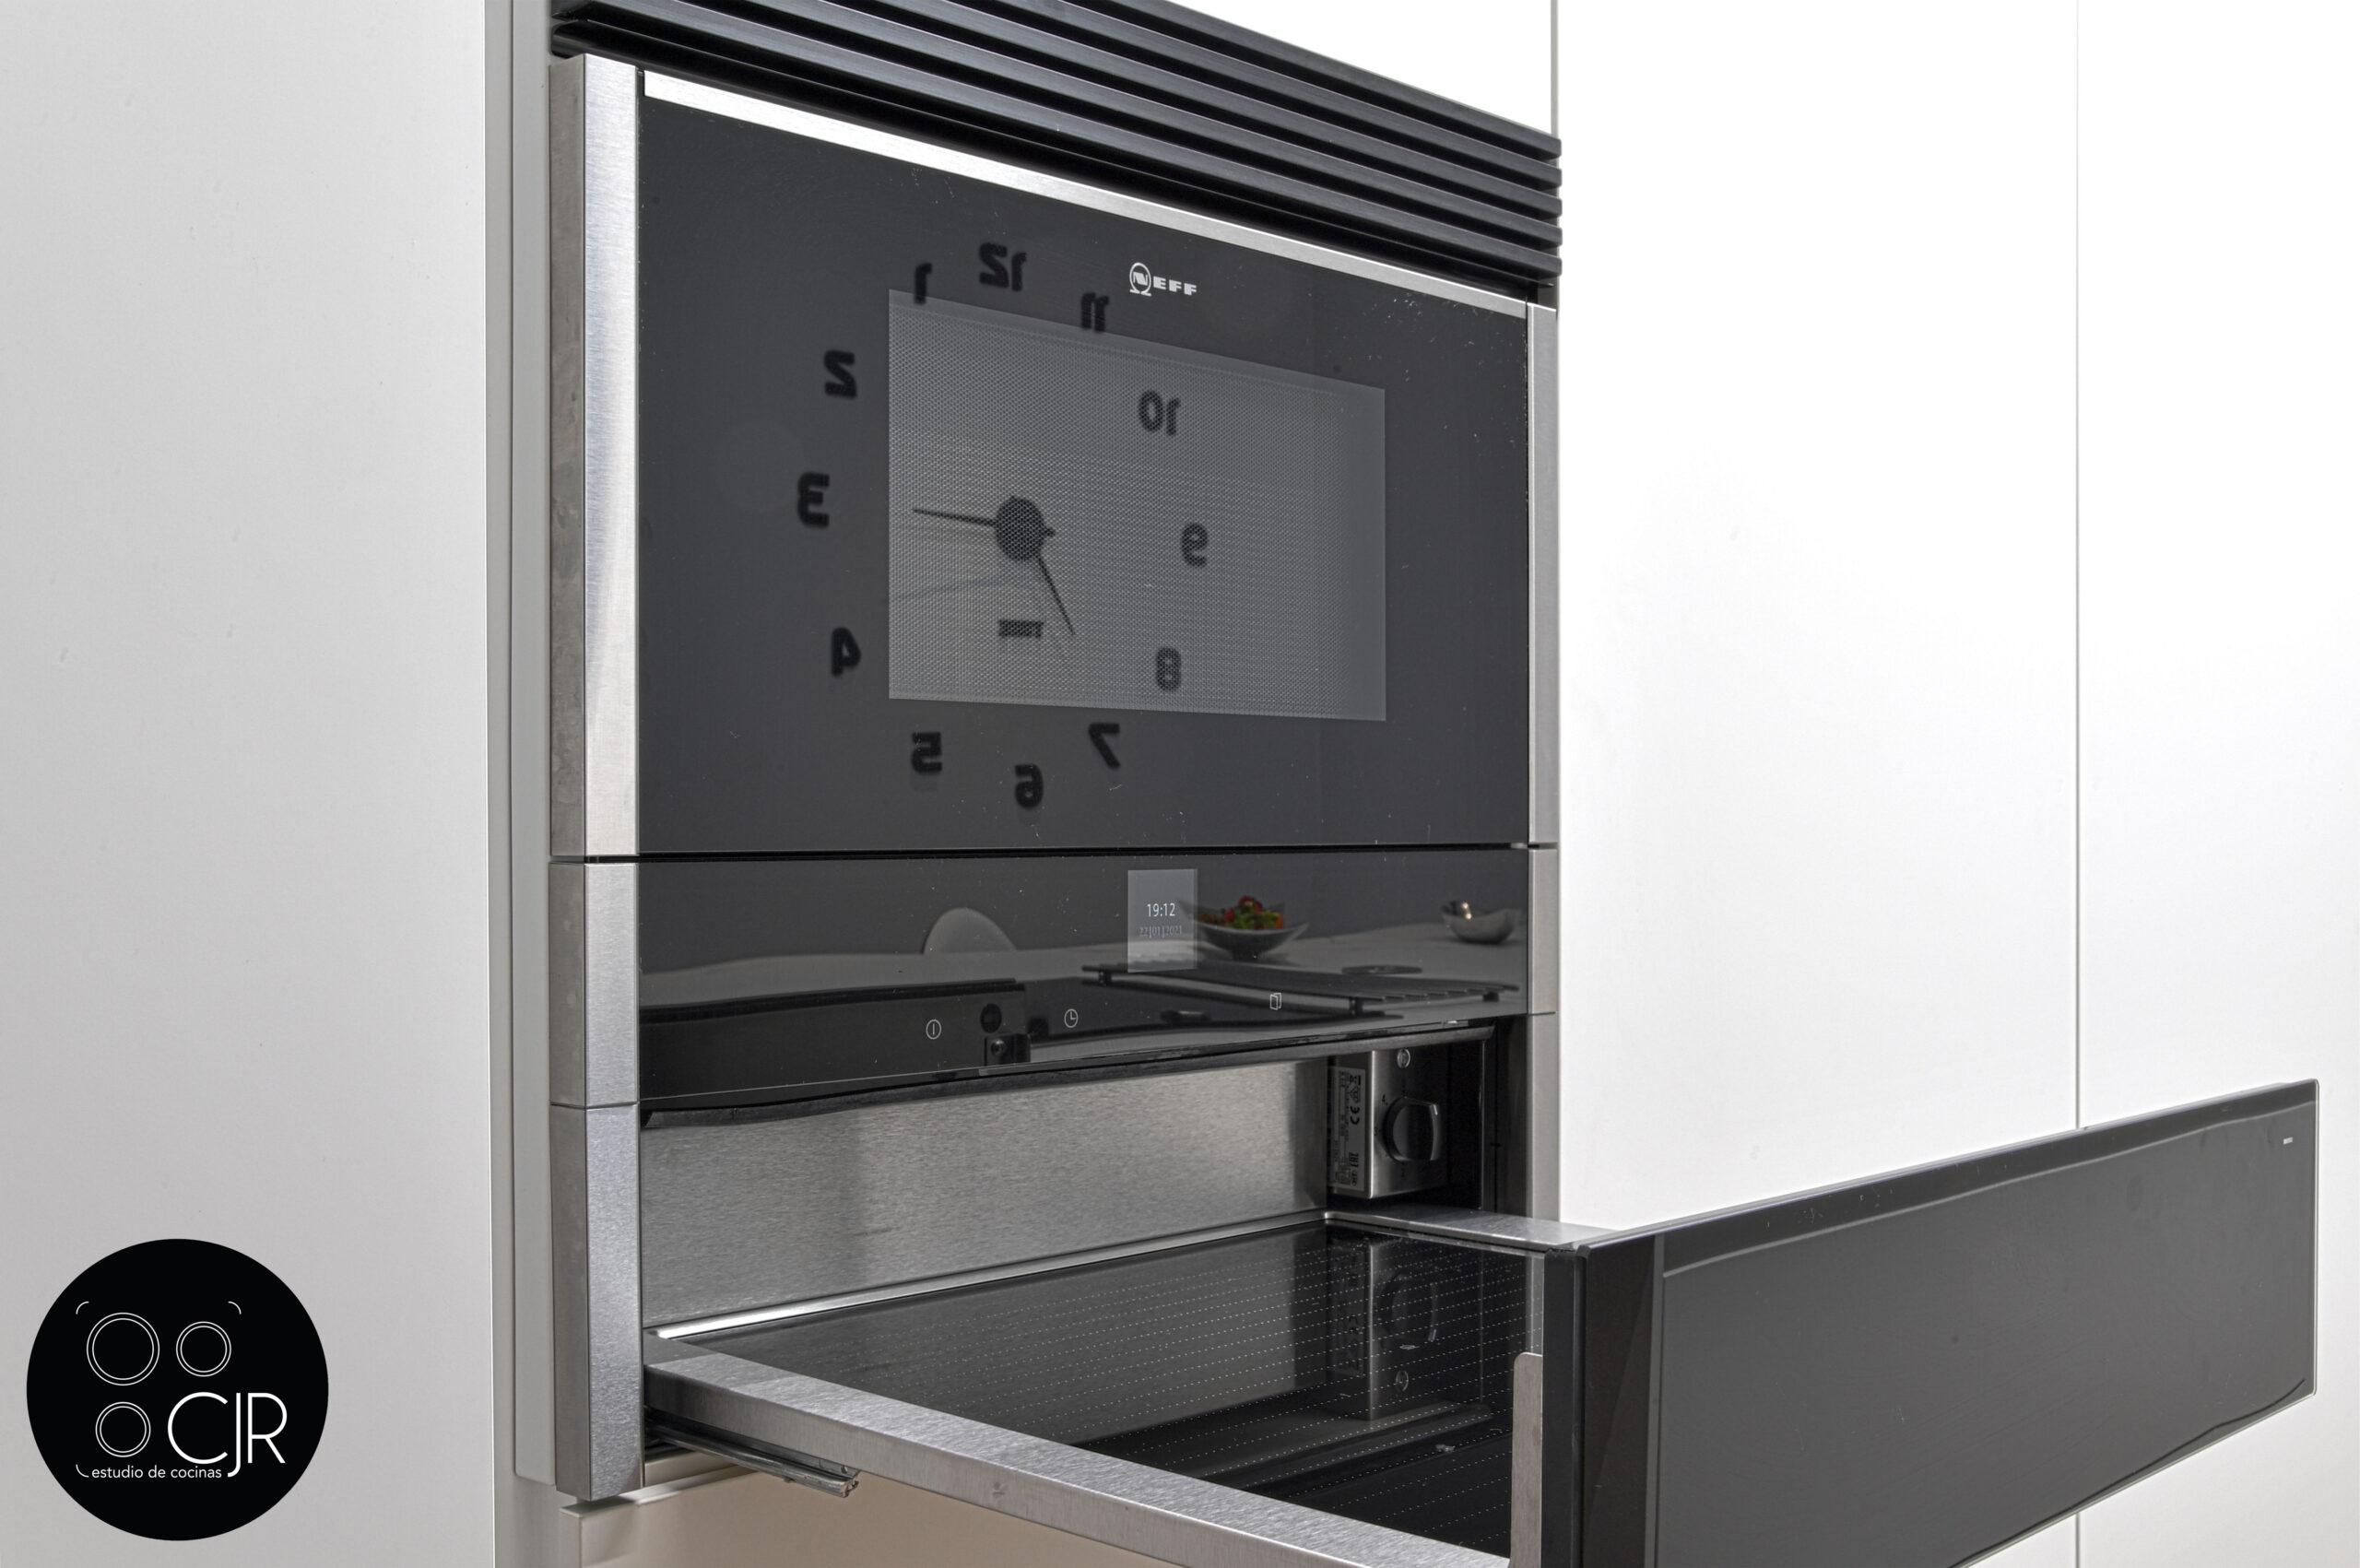 Calienta platos electrodomésticos en cocina blanca mate sin tiradores